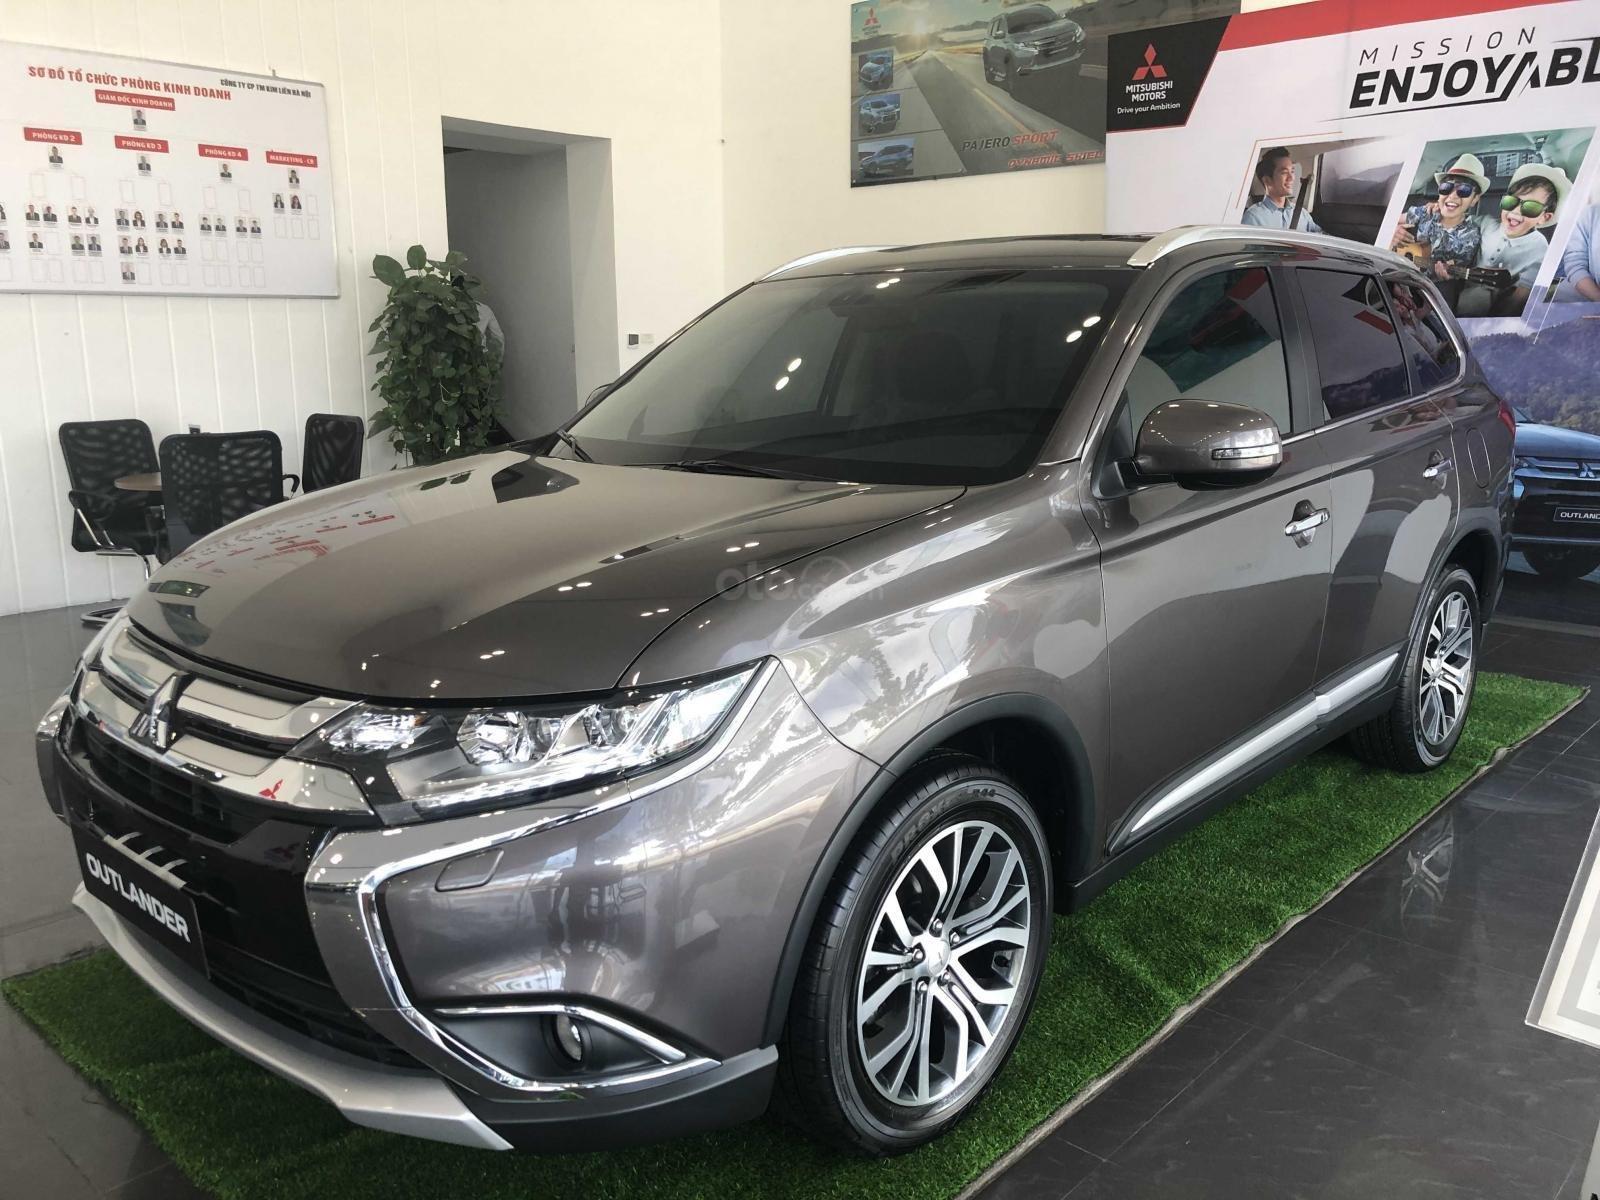 Bán xe Mitsubishi Outlander 2.4 CVT xe mới, giá siêu sốc (2)